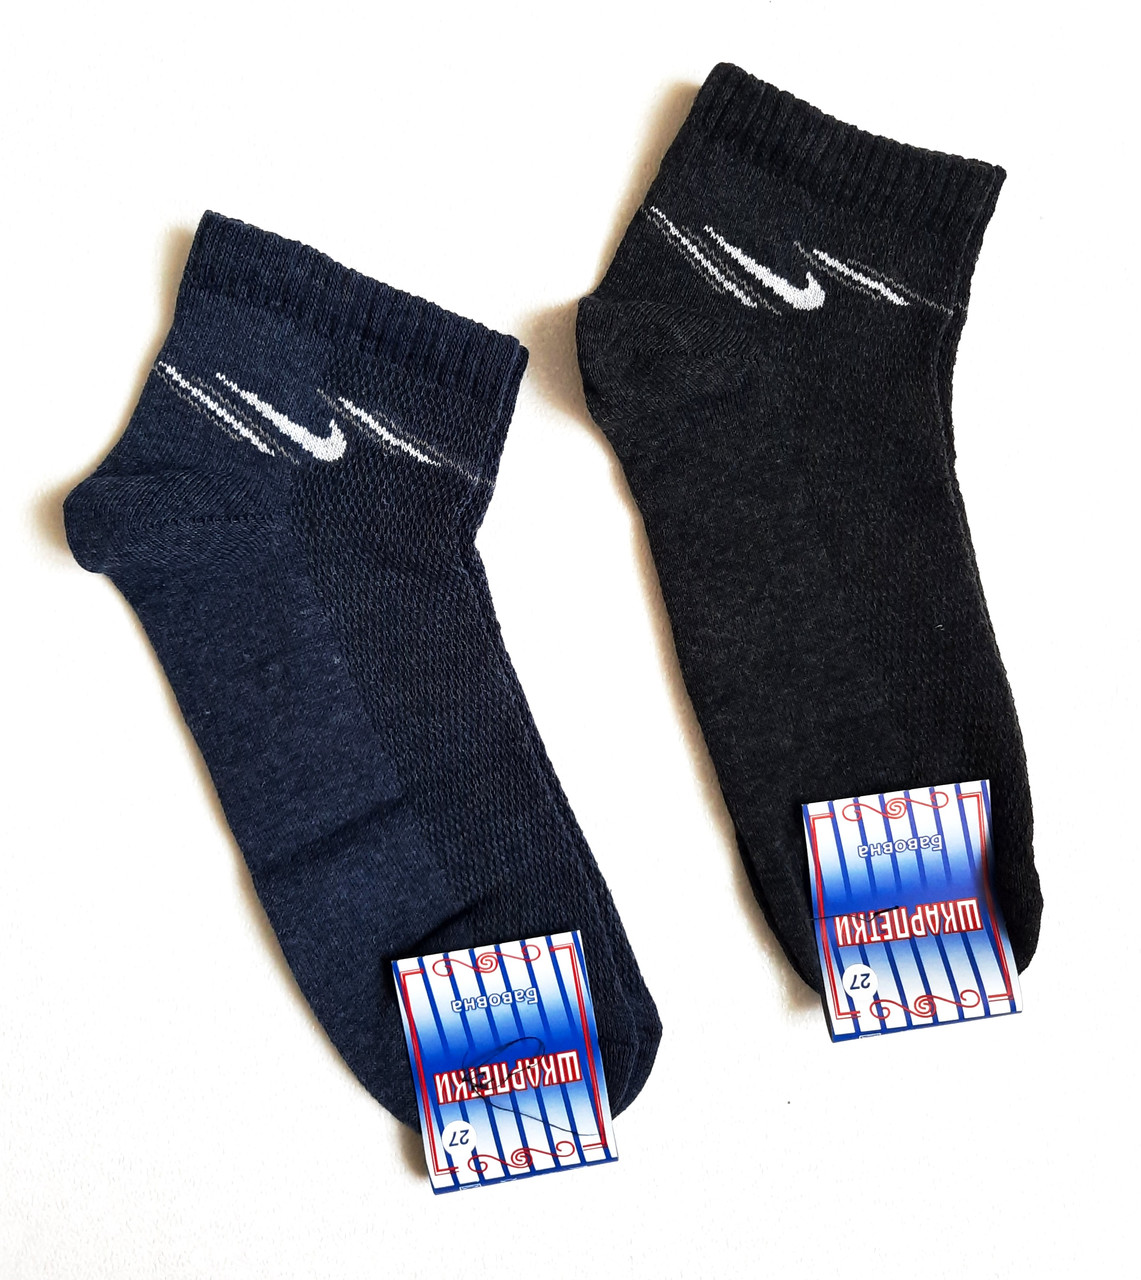 Носки мужские вставка сеточка р.27 хлопок стрейч Украина. Цвет серый,синий.От 10 пар по 6,50грн.